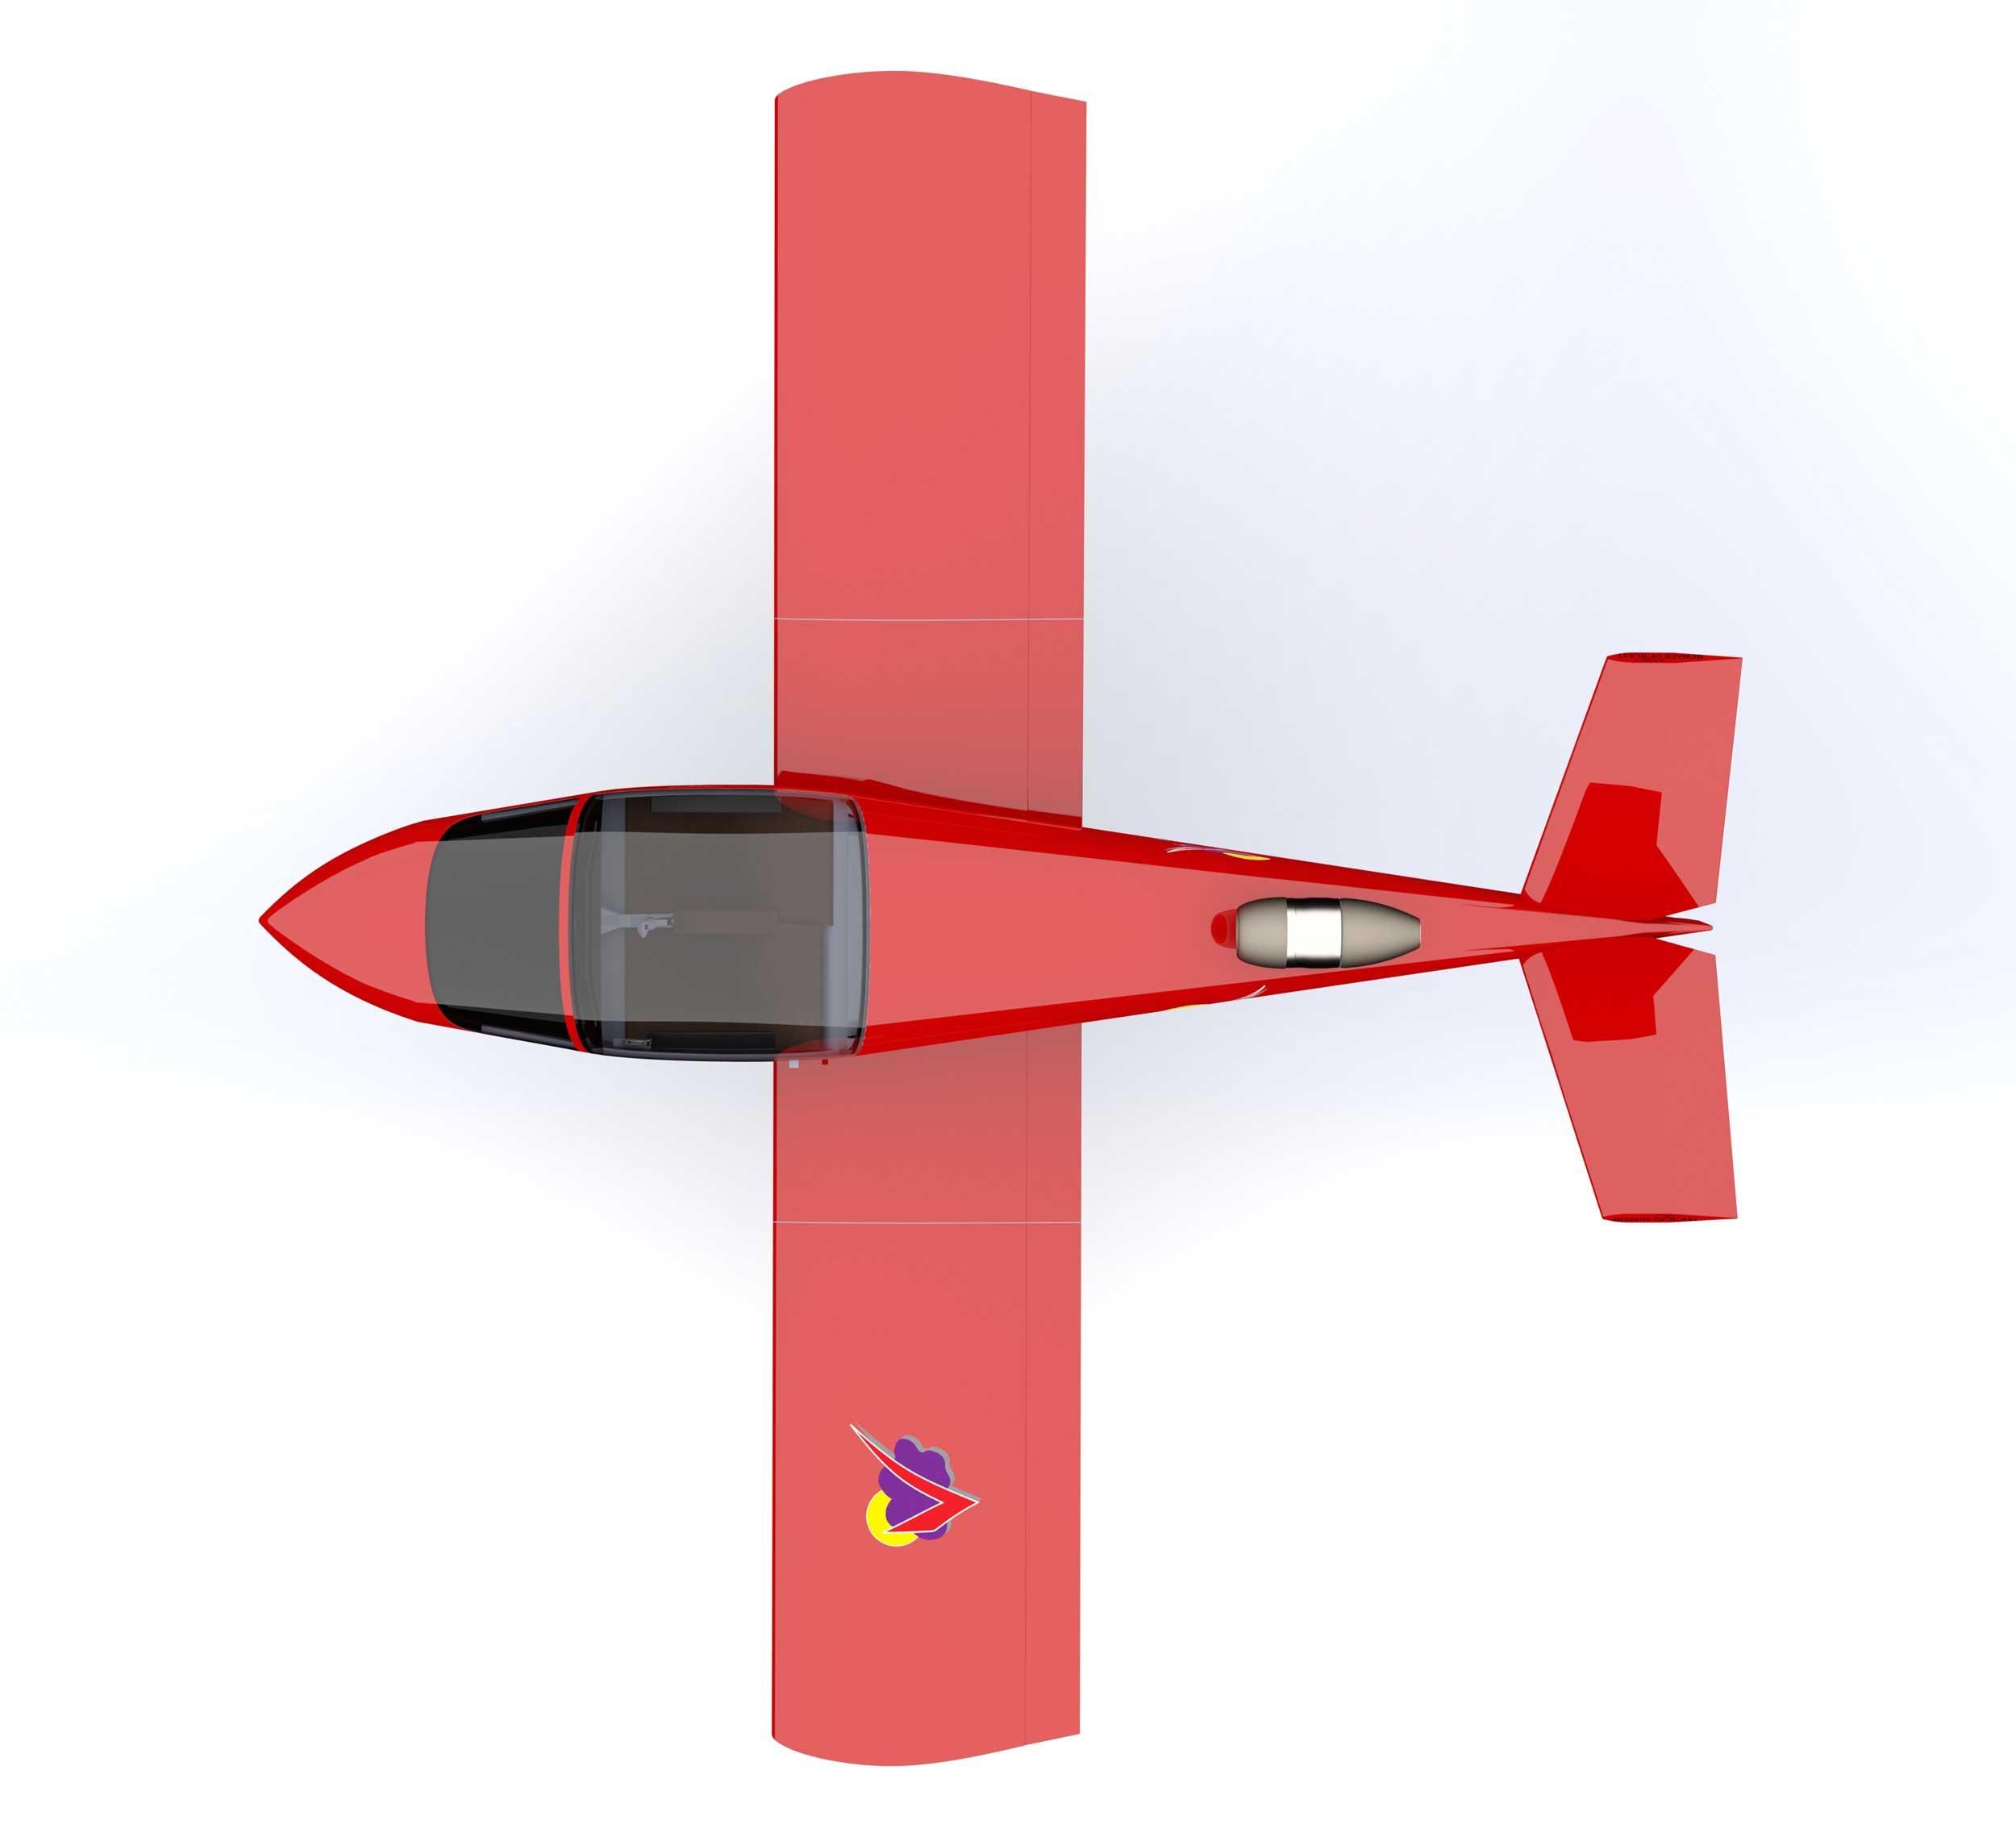 Sonex two-seat jet